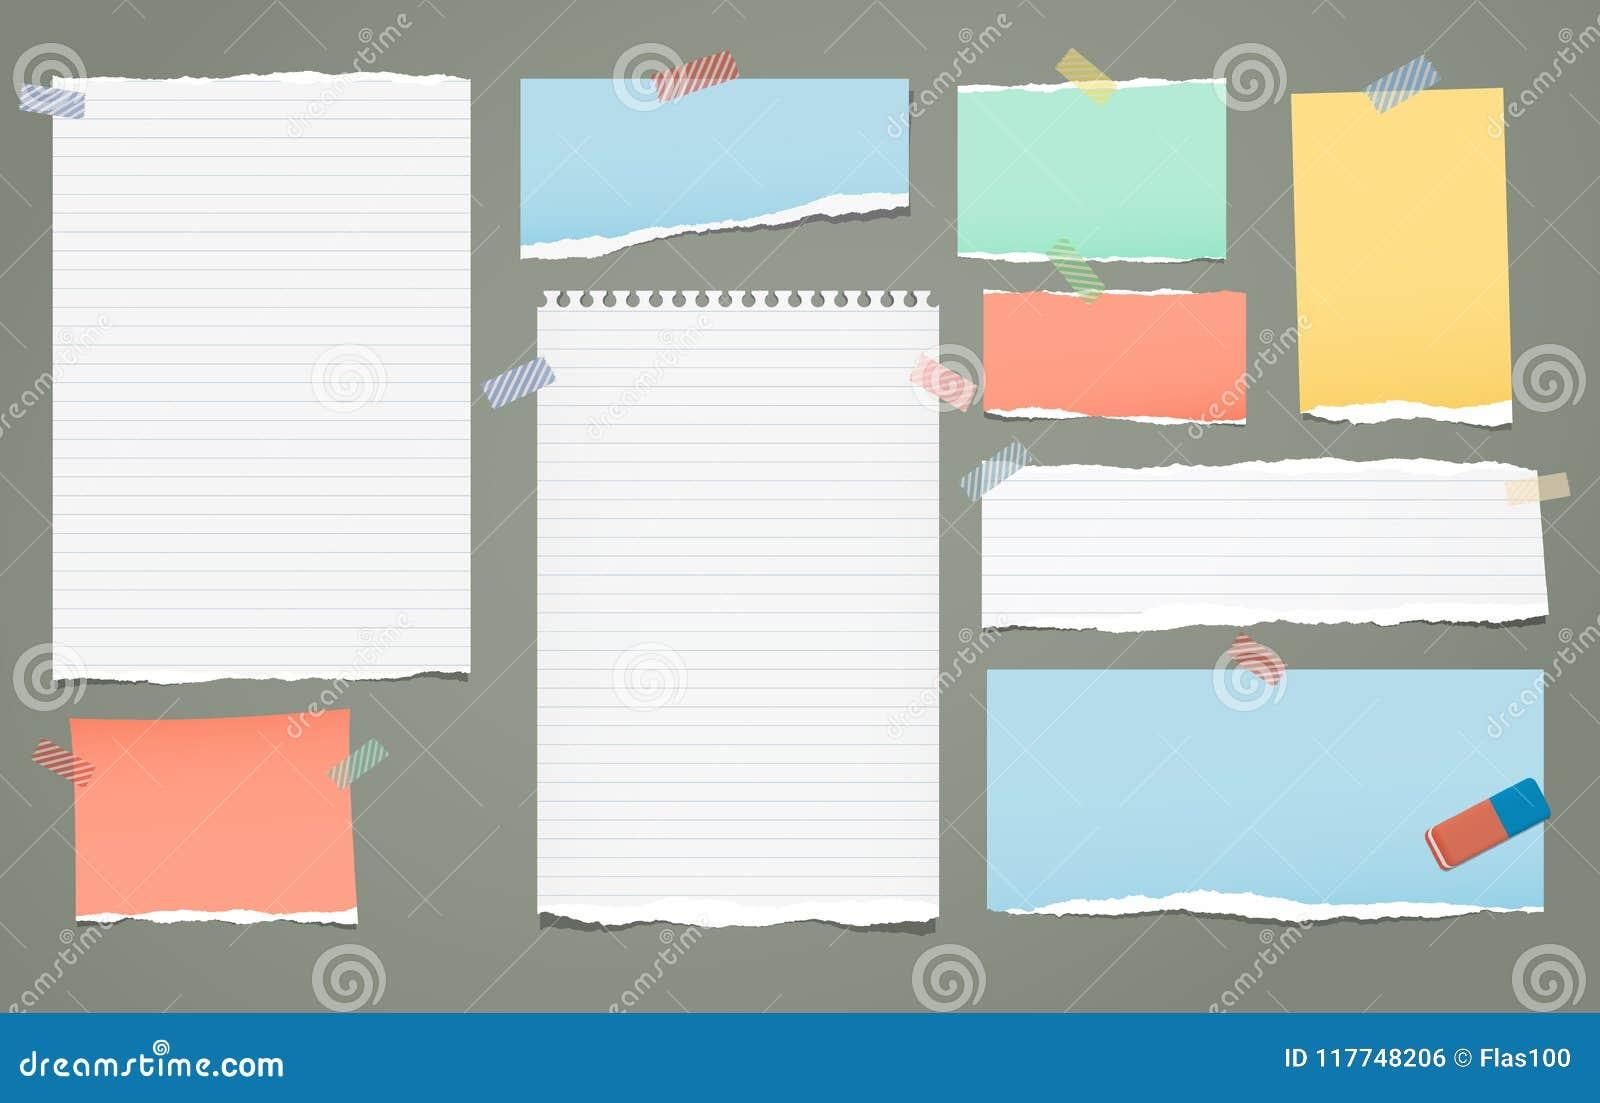 La nota lacerata allineata bianca e variopinta, pezzi di carta del taccuino per testo ha attaccato con nastro adesivo appiccicoso